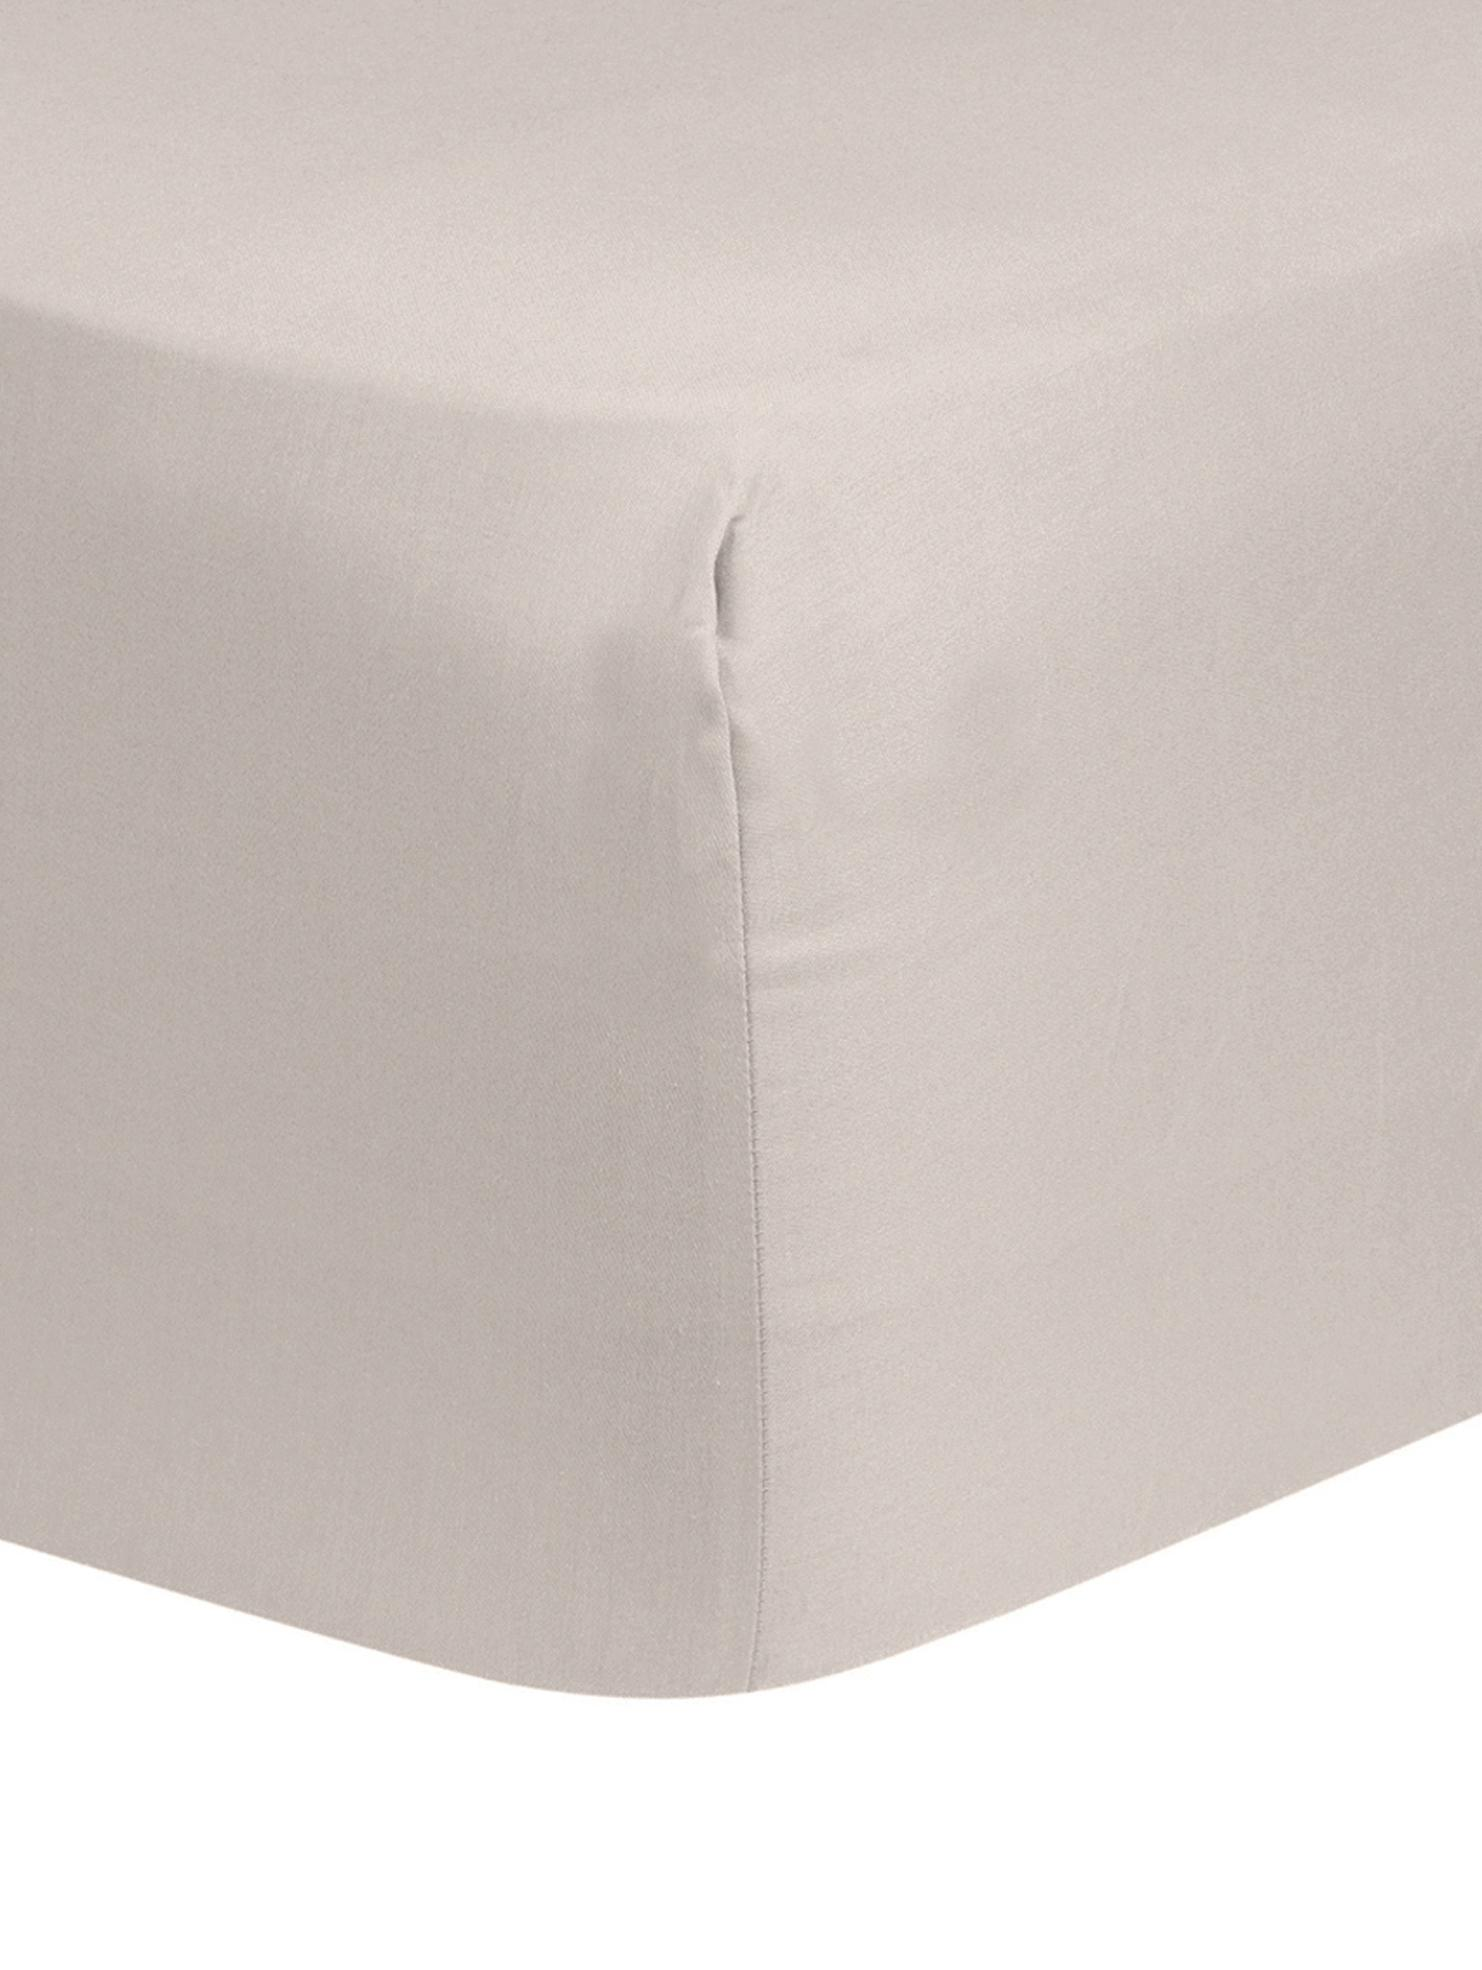 Boxspring-Spannbettlaken Comfort, Baumwollsatin, Webart: Satin, leicht glänzend, Taupe, 160 x 200 cm